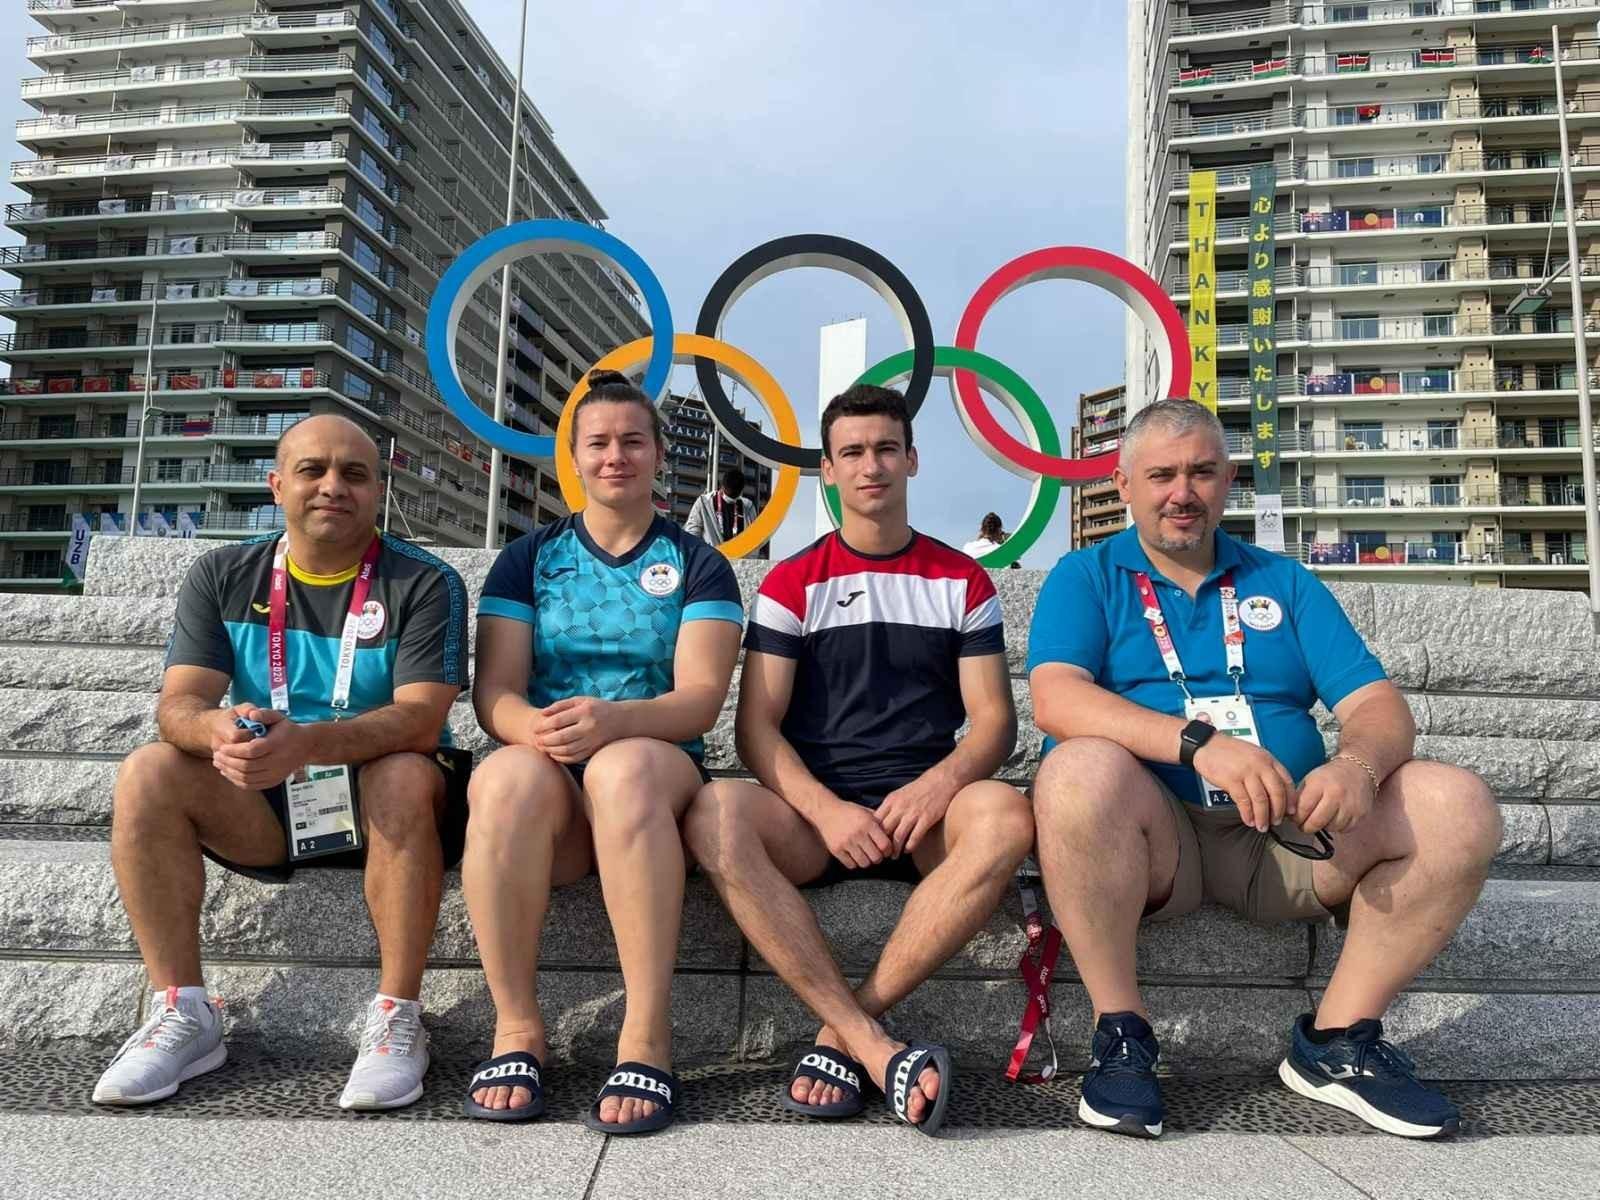 Încă doi sportivi olimpici vor primi premii de câte 50 000 de lei din partea 7777.md